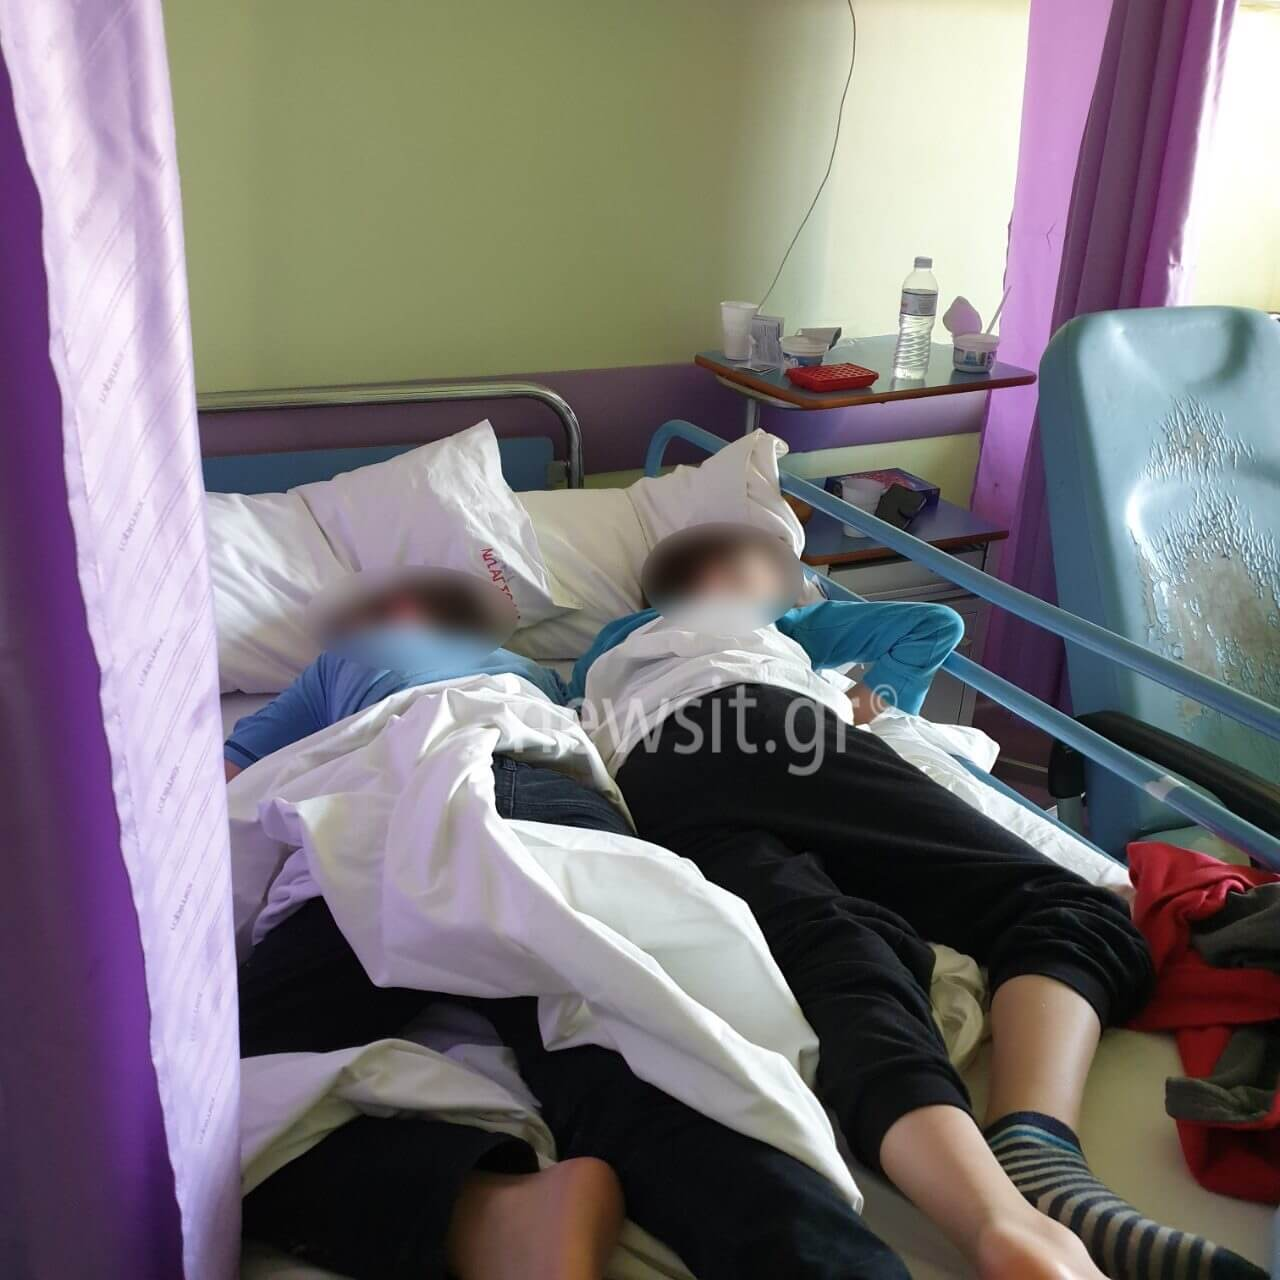 Σοκάρουν οι καταγγελίες για τα εγκαταλελειμμένα παιδιά στο Παίδων – Συμμορίες, ξυλοδαρμοί και διακίνηση ναρκωτικών